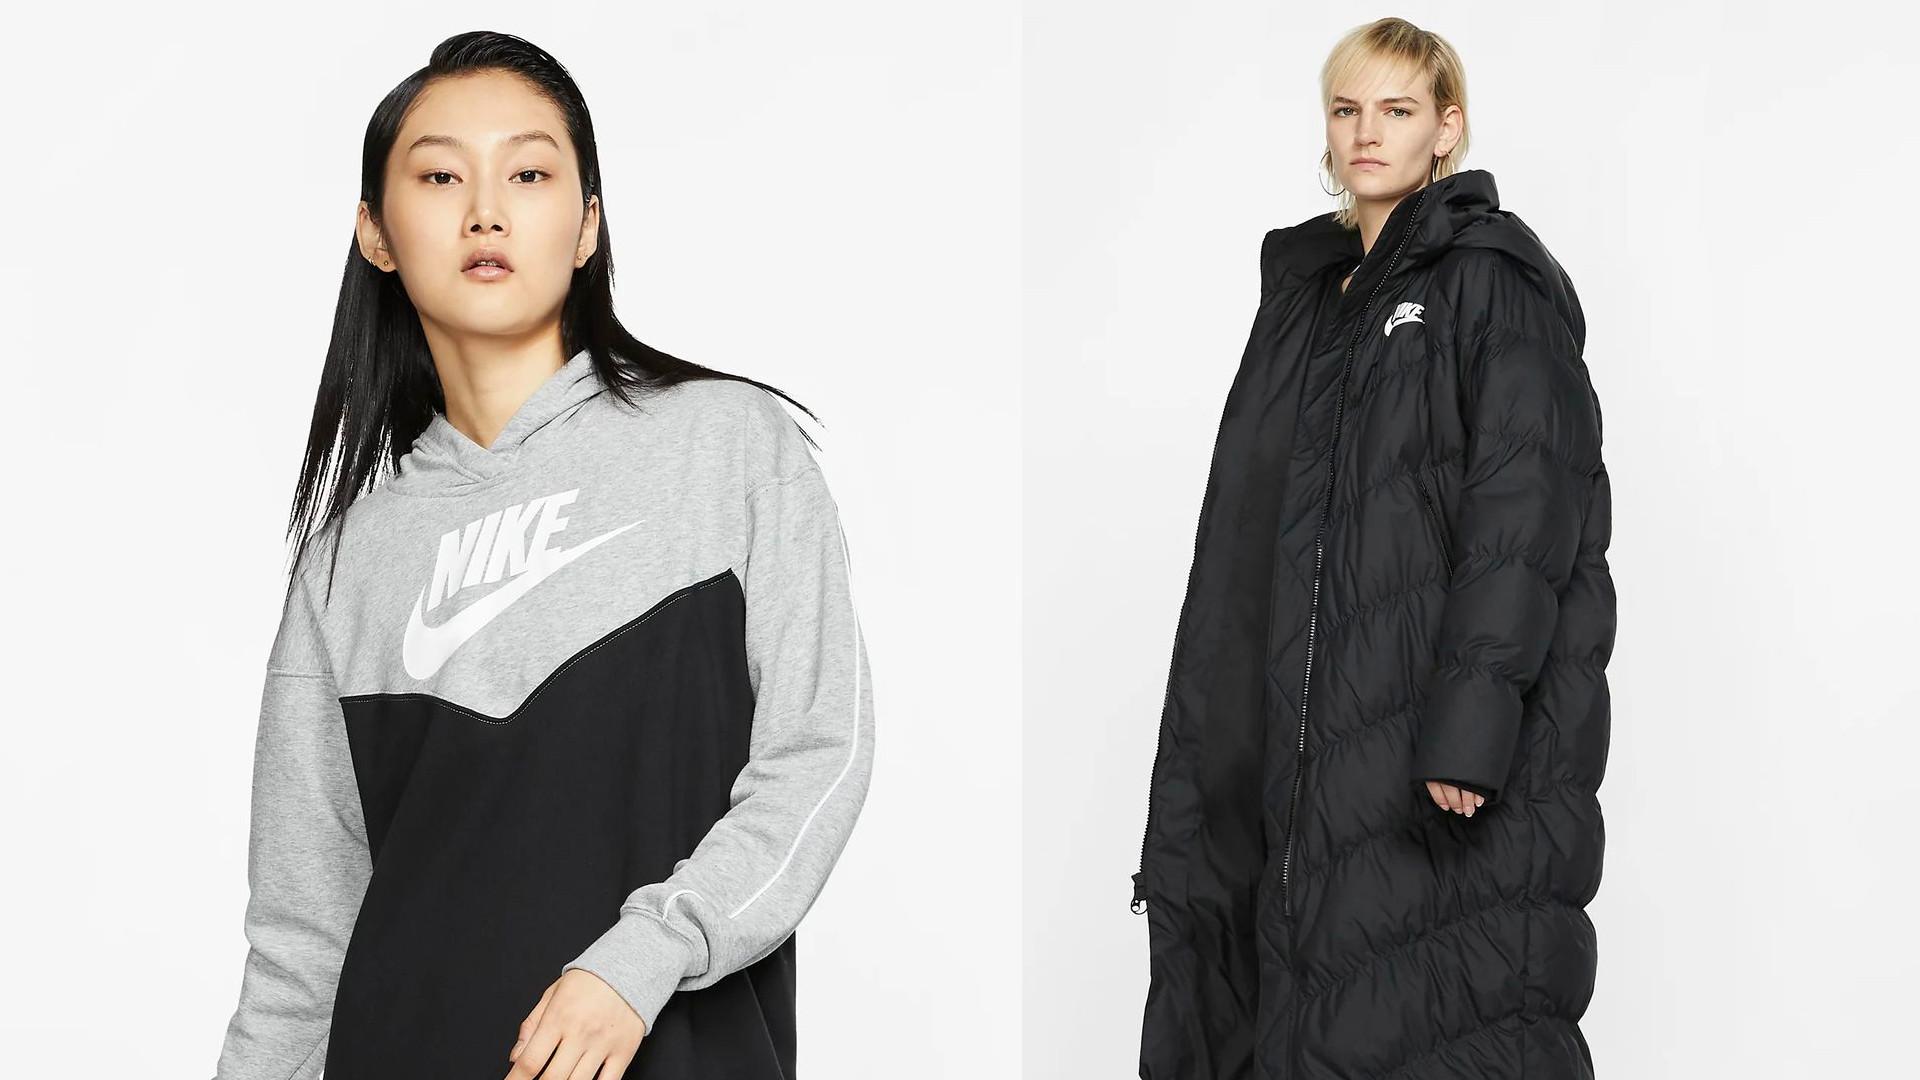 WYPRZEDAŻ w Nike z okazji Black Friday – sprawdź wyjątkowe okazje